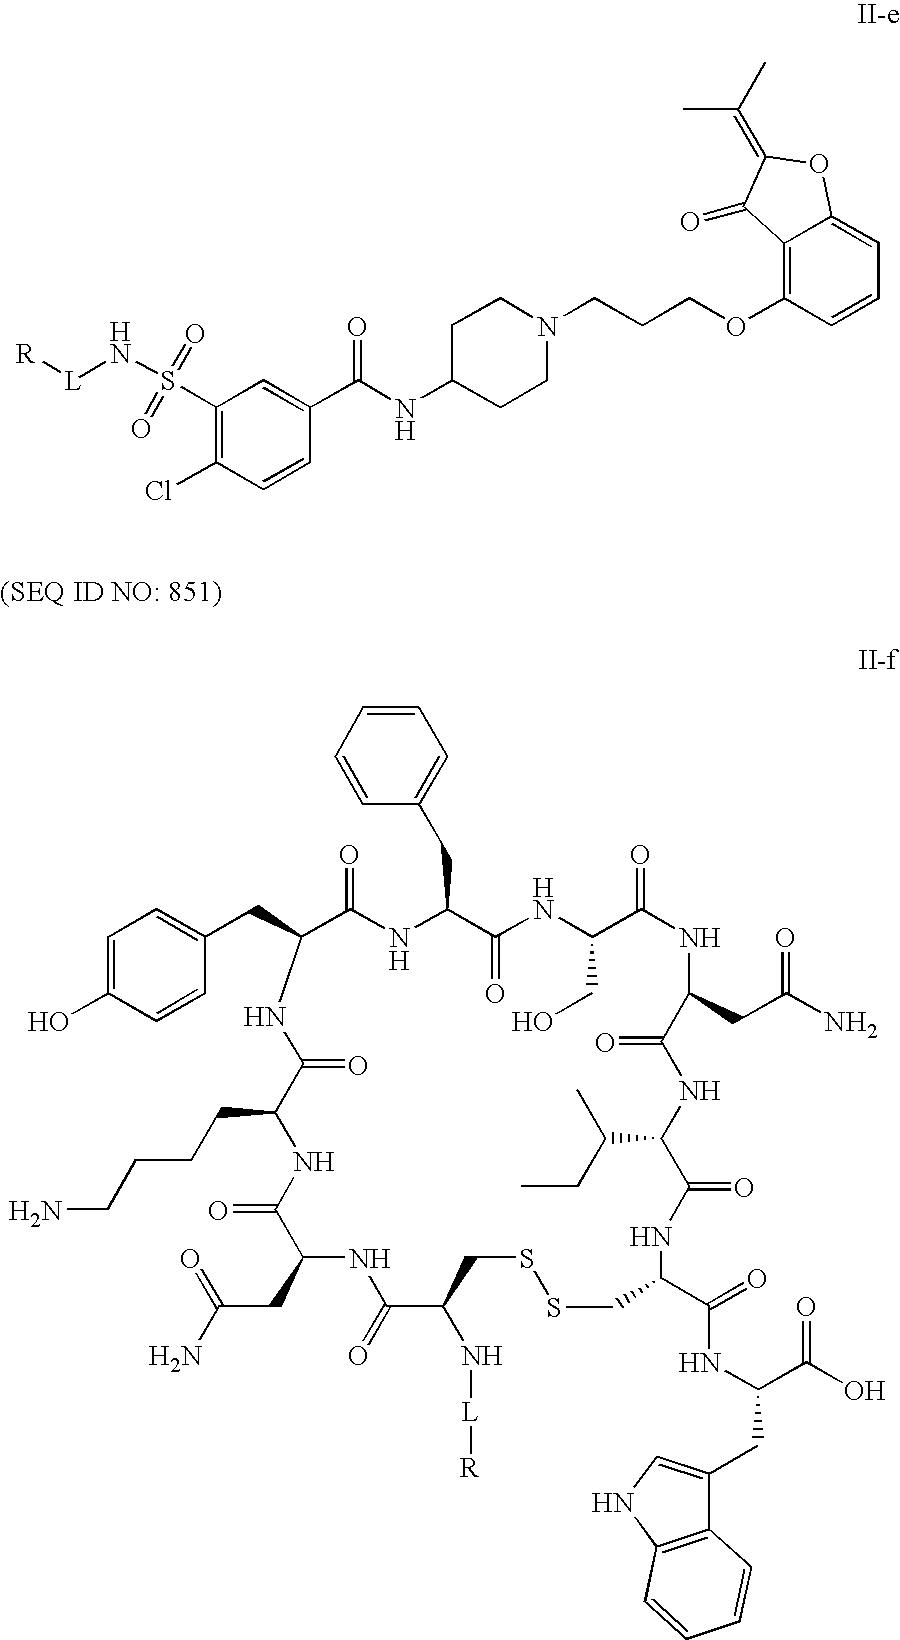 Figure US20090110662A1-20090430-C00392